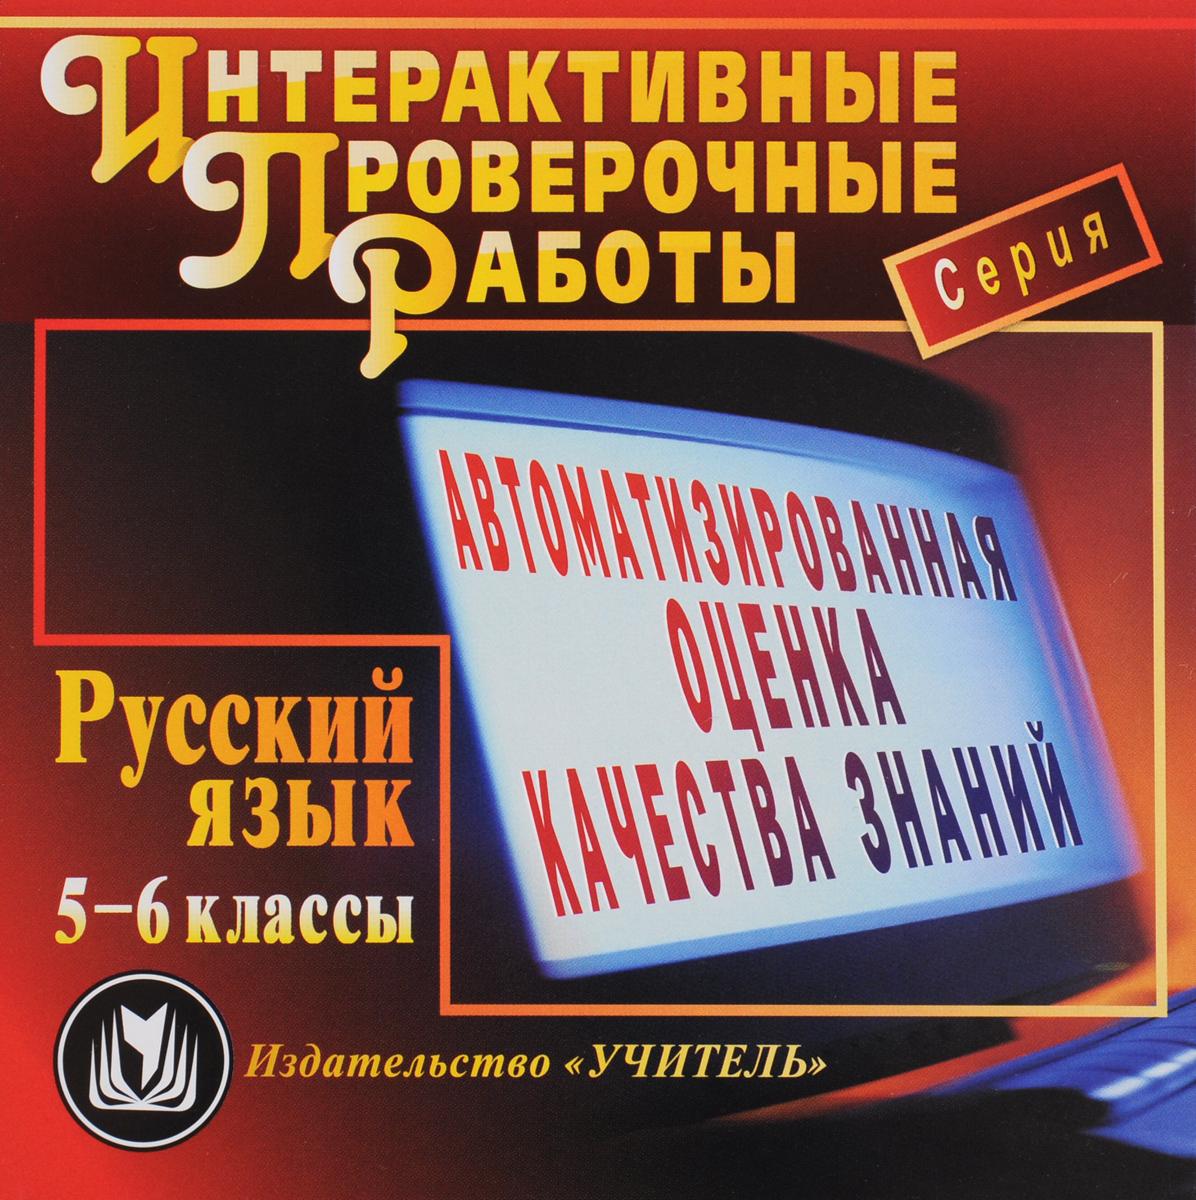 Русский язык. 5-6 классы. Автоматизированная оценка качества знаний